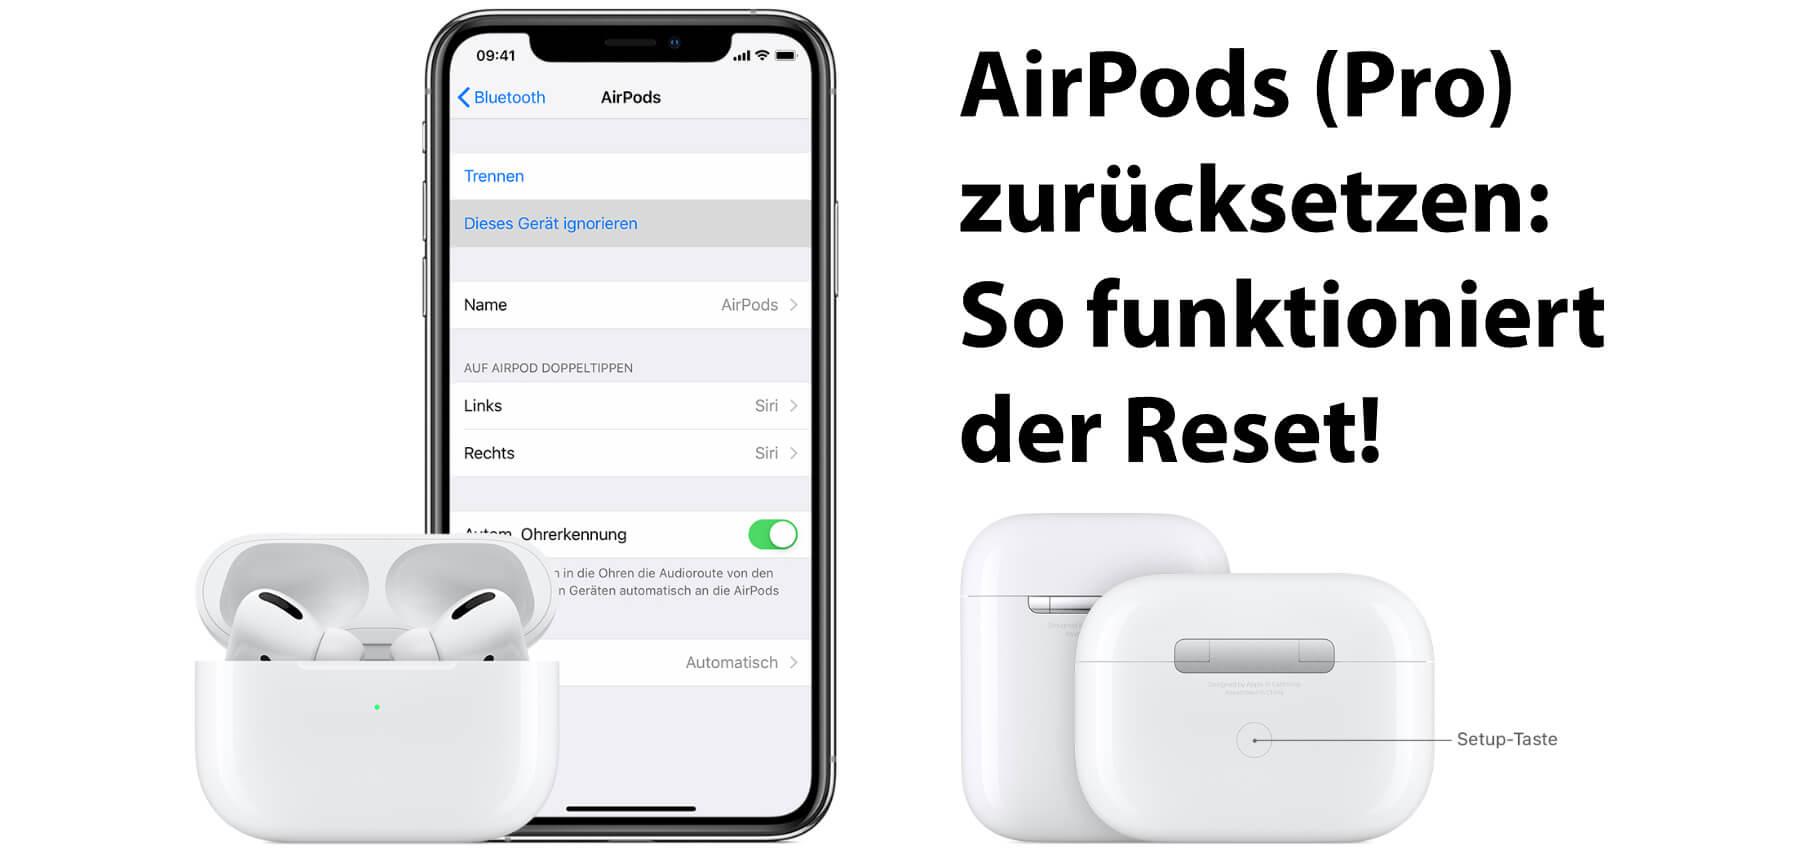 Wenn ihr die Apple AirPods Pro zurücksetzen wollt, findet ihr hier die richtige Schritt-für-Schritt-Anleitung für den Kopfhörer-Reset. AirPods Reset